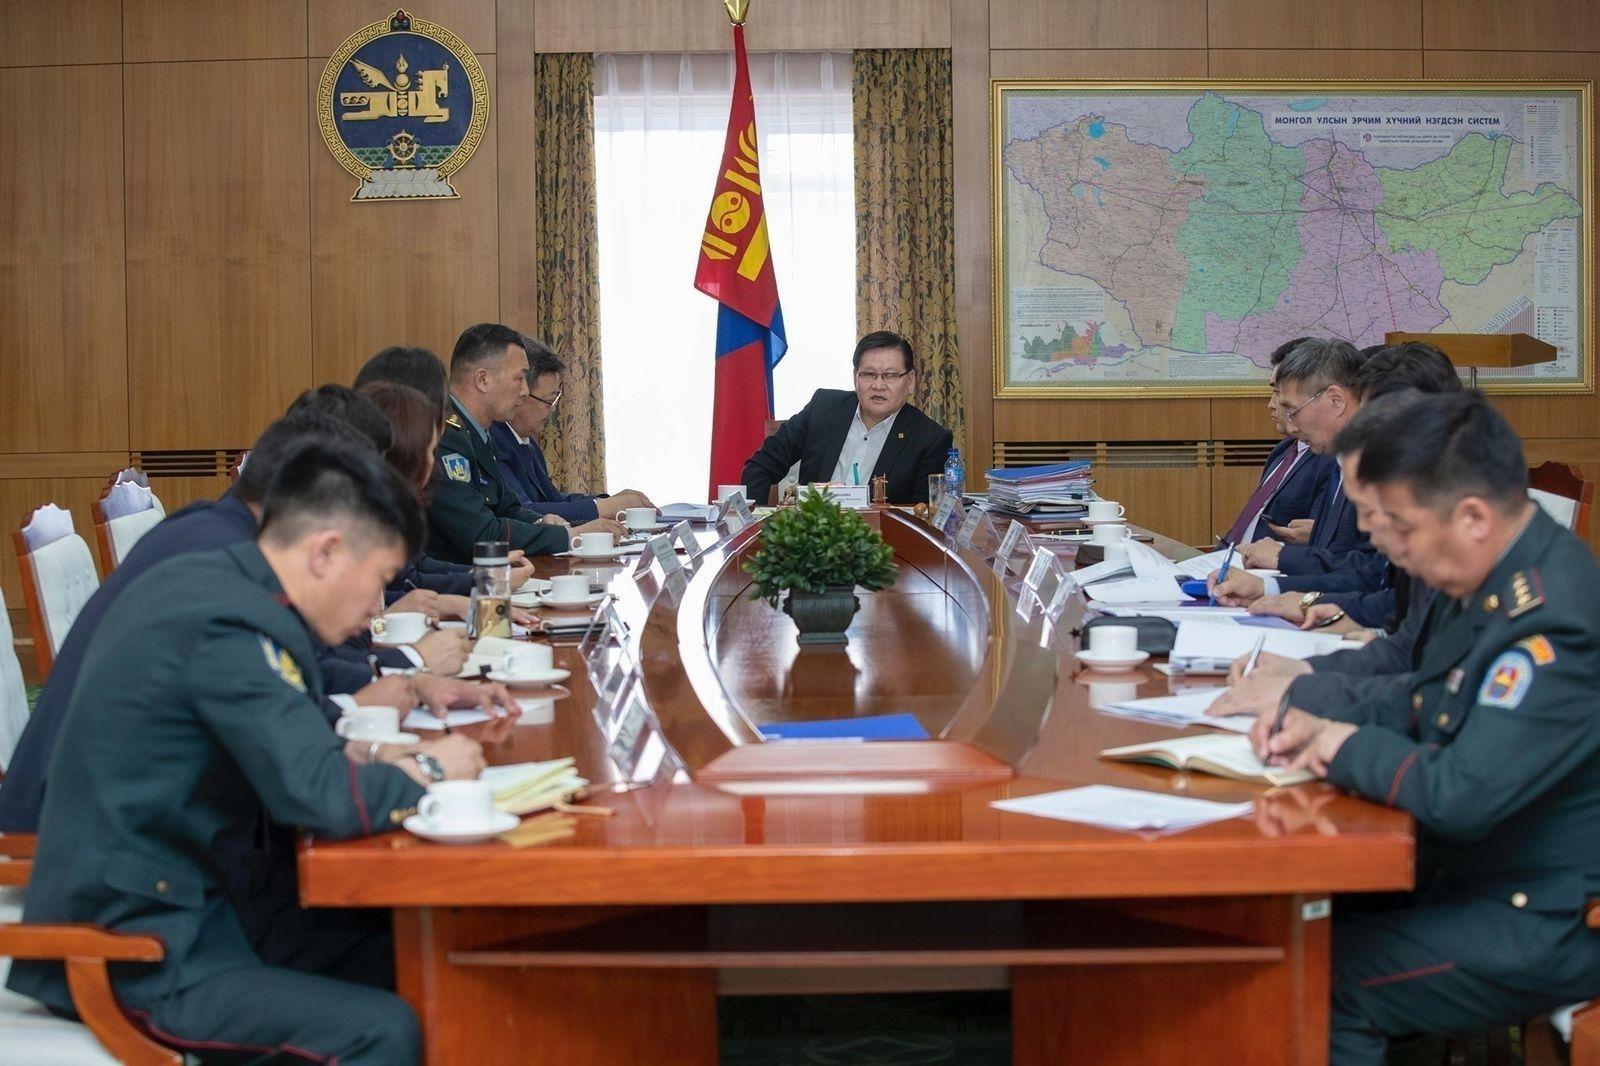 ОХУ-ын Зэвсэгт хүчний эрдмийн чуулга болон Агаарын нислэгийн үзүүлэх тоглолтын багийг Монголд урина